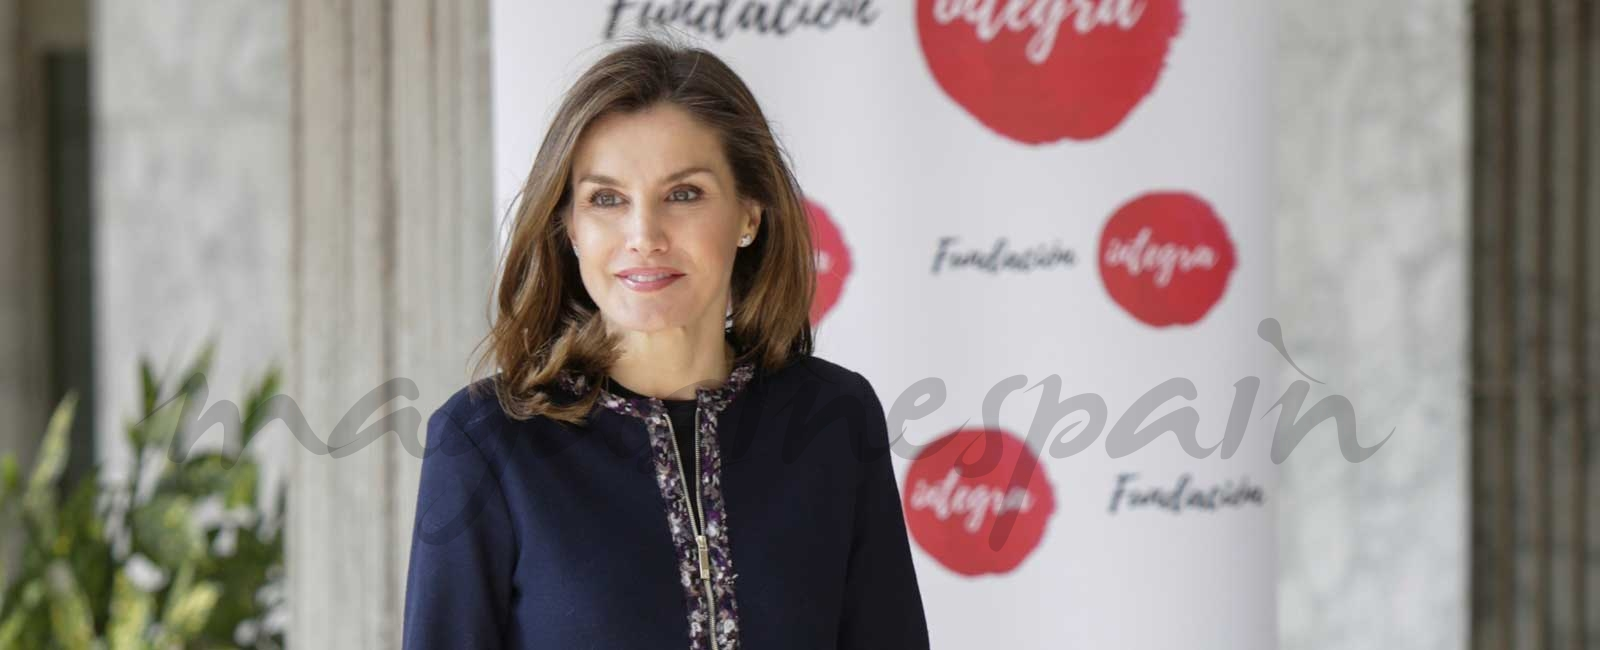 La reina Letizia estrena un perfecto look working girl